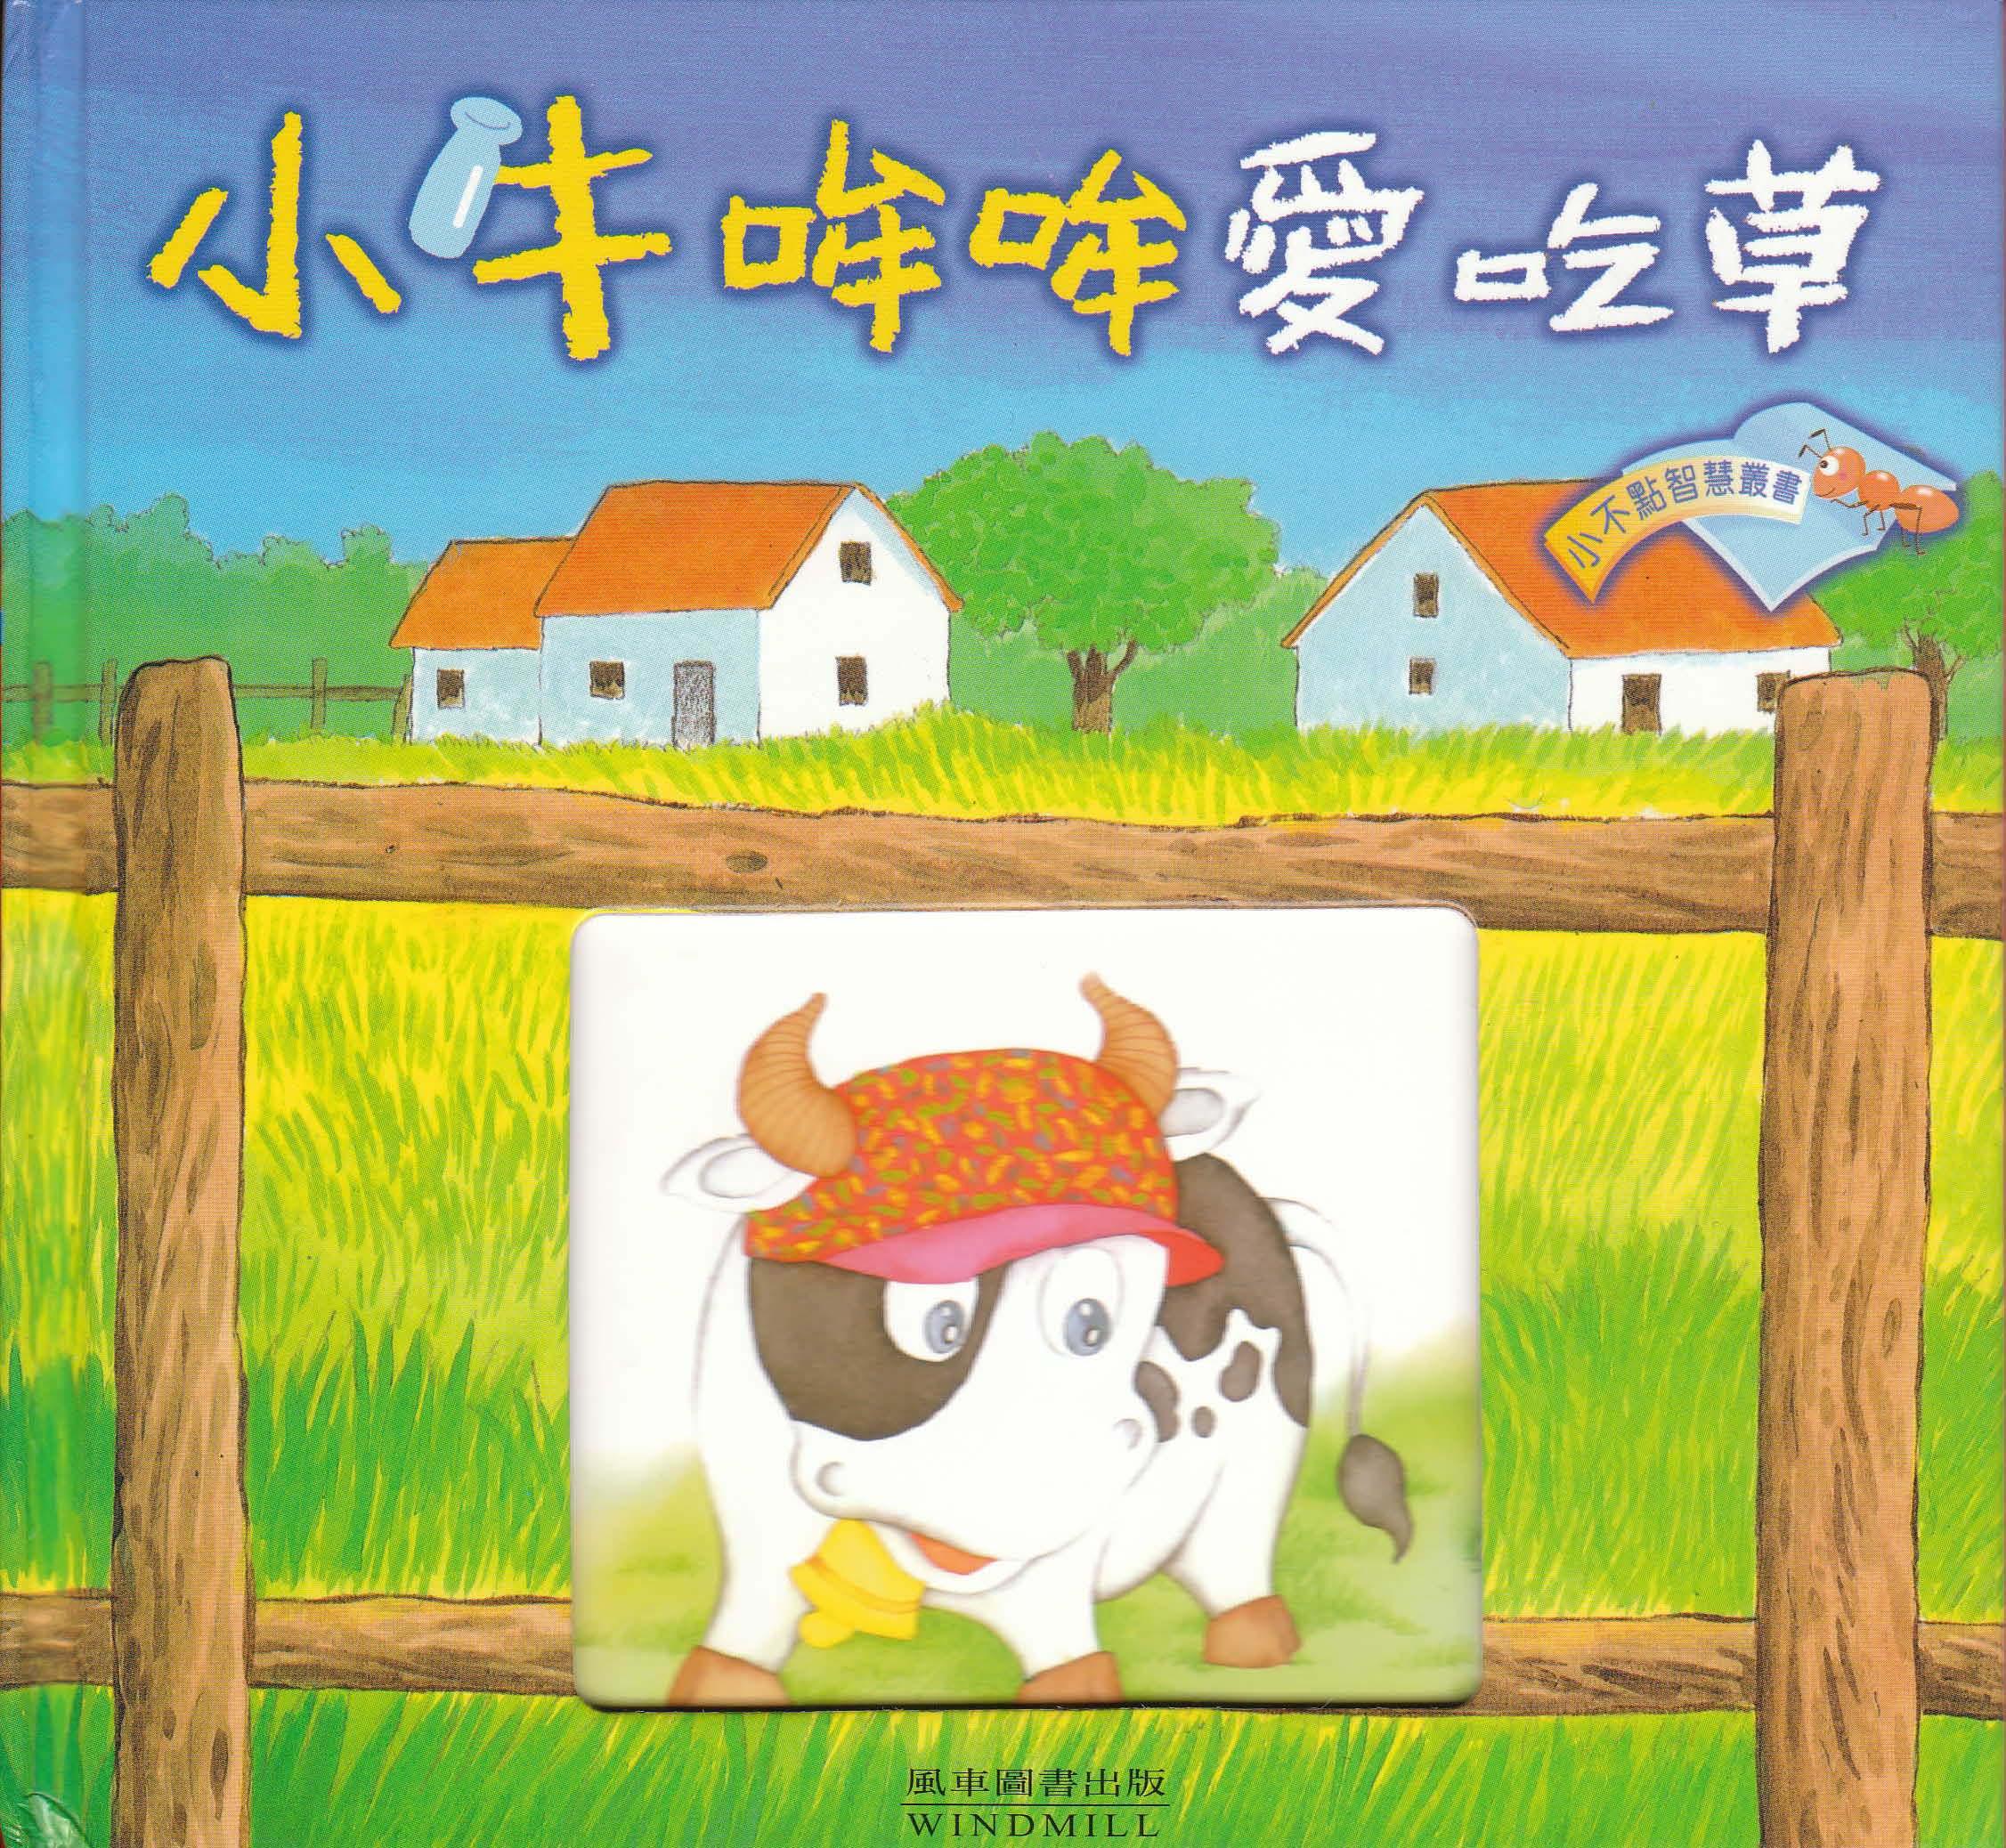 小牛哞哞愛吃�...